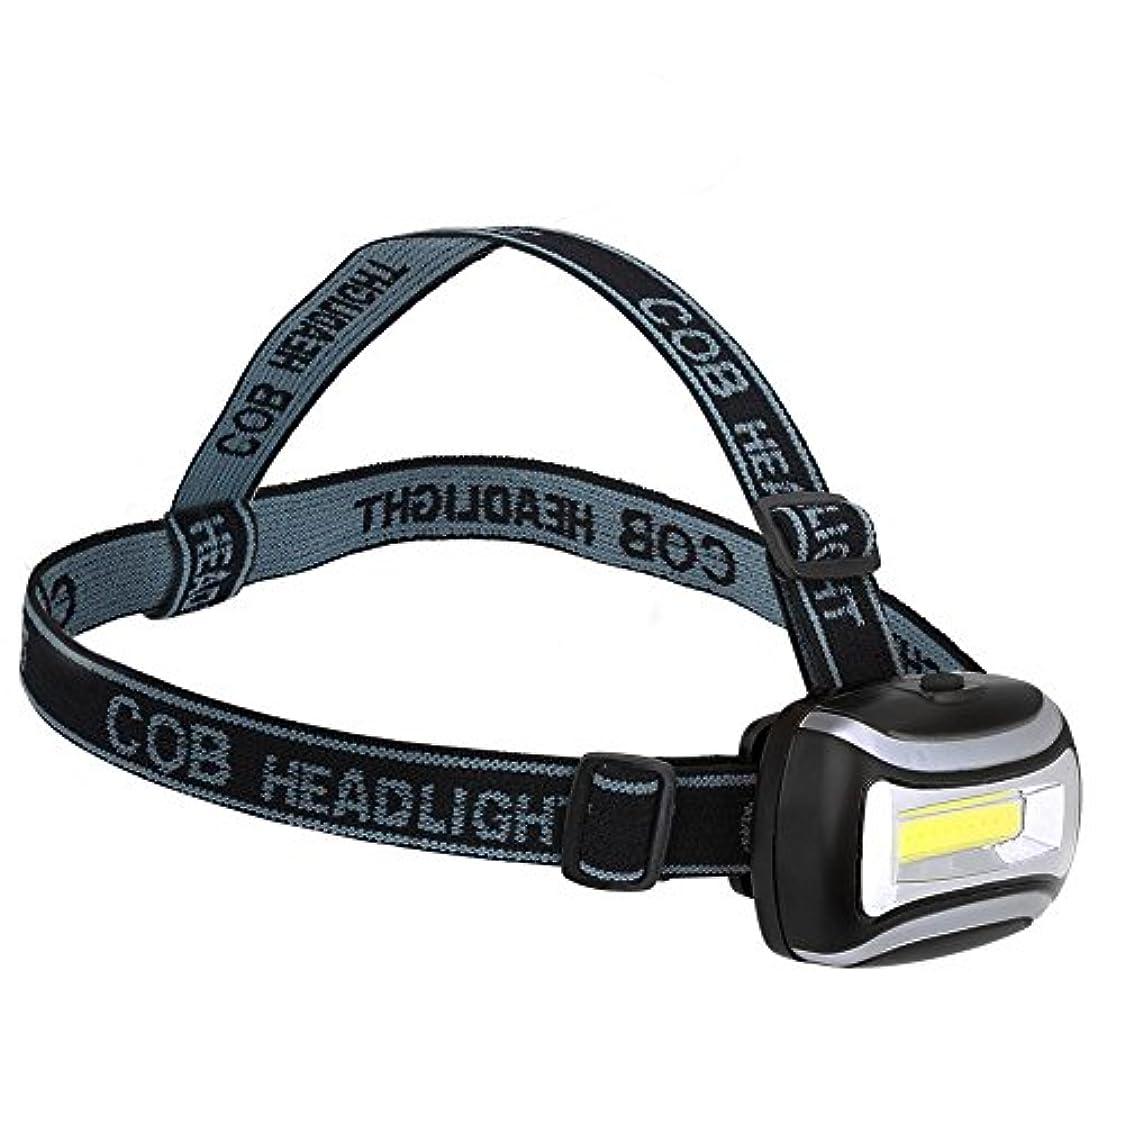 ヘッドライト COBヘッドランプ 懐中電灯 防水 耐久性 調整可能 キャンプ/屋外/サイクリング/夜間釣り用